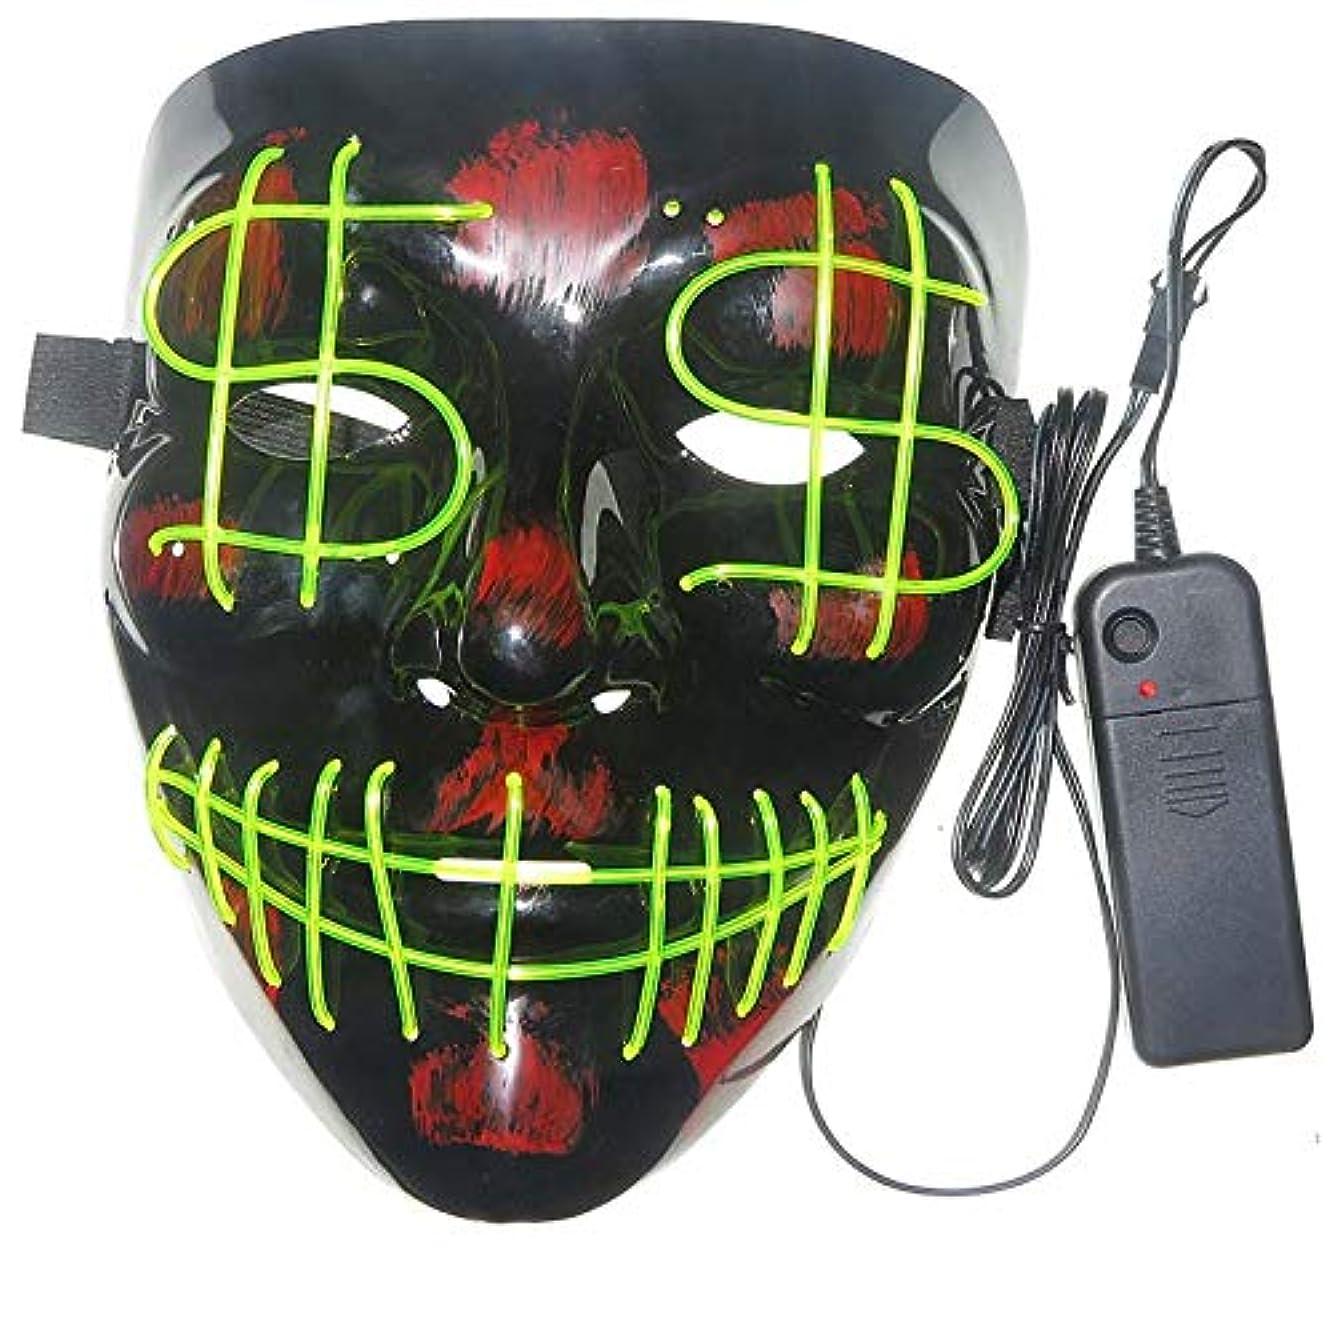 浮浪者シダ不規則性ハロウィーンの怖いマスクコスプレ-コスチュームマスクライトフェスティバルパーティー用LEDマスク